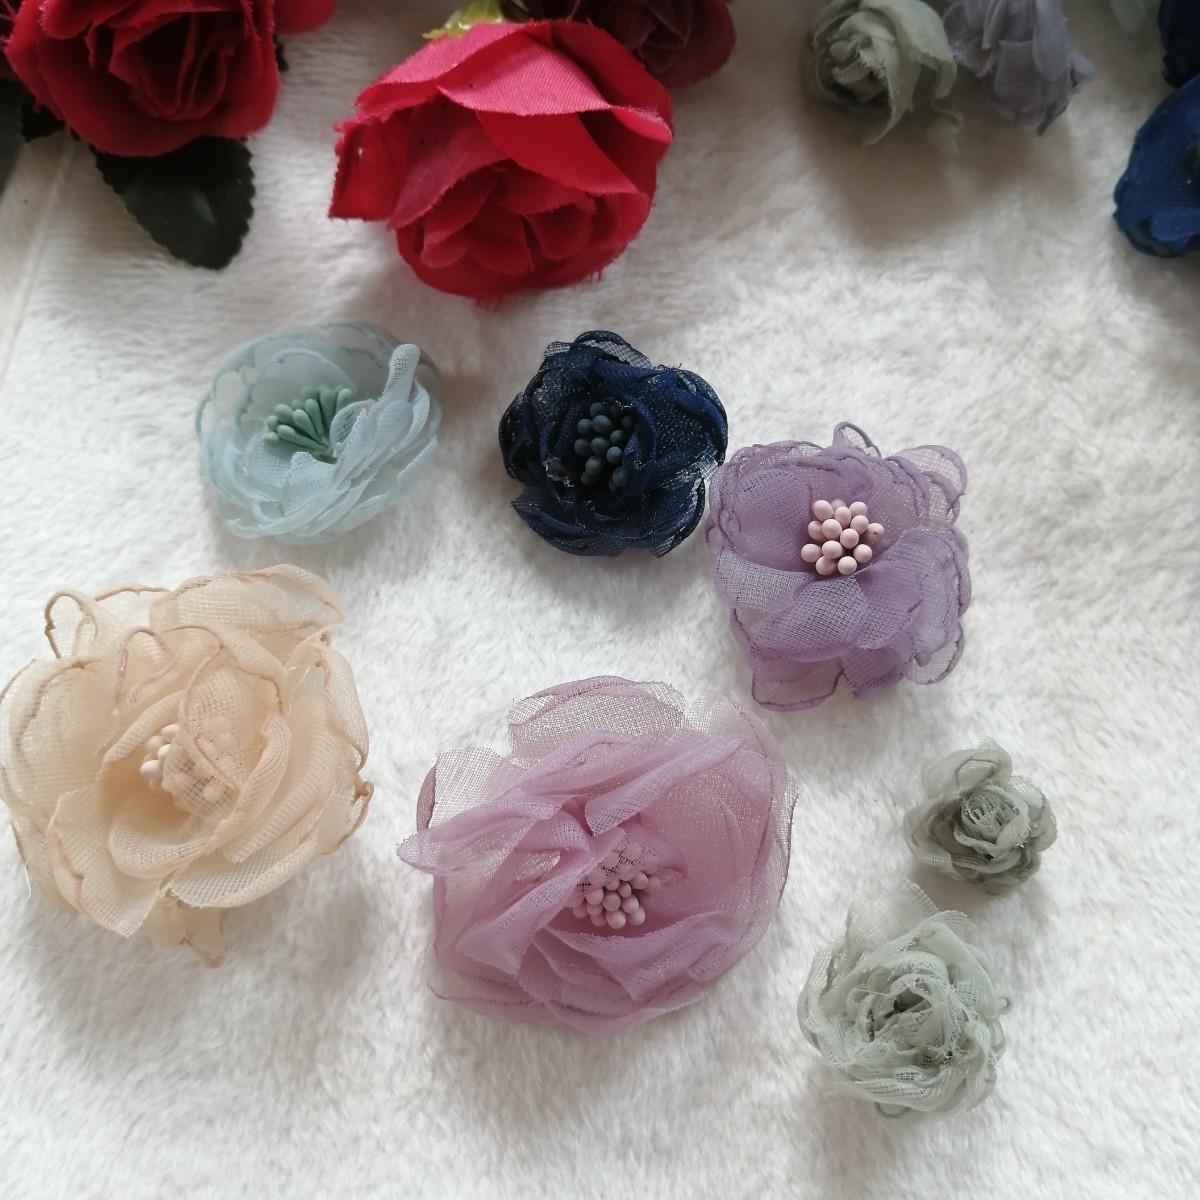 ハンドメイド ワッペン   刺繍 綺麗なワッベン 手作り モチーフ 花50W18